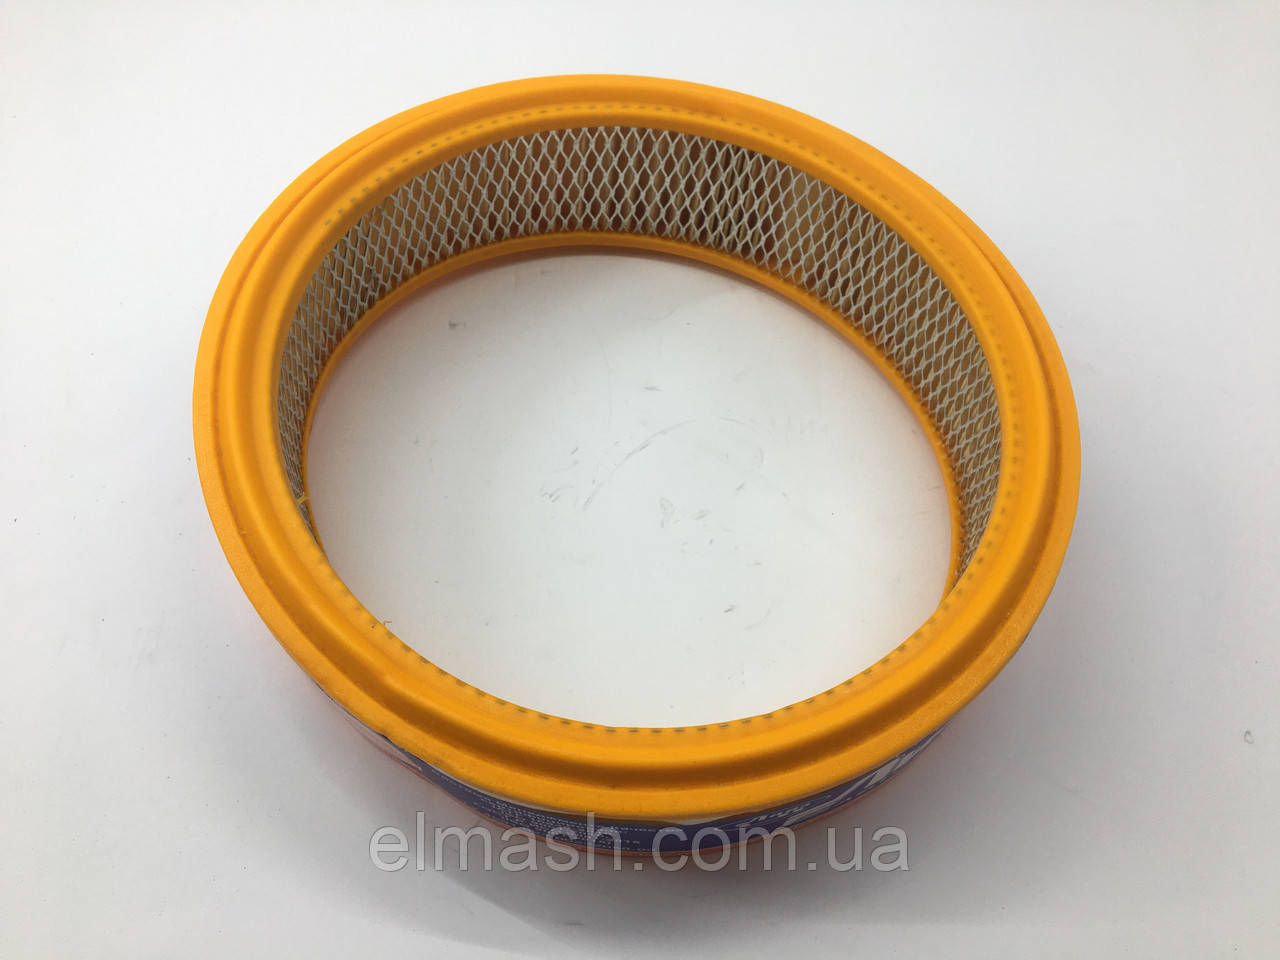 Элемент фильтрующий воздух ВАЗ 2101-2109, МОСКВИЧ, ЗАЗ, ТАВРИЯ (пр-во г.Ливны)